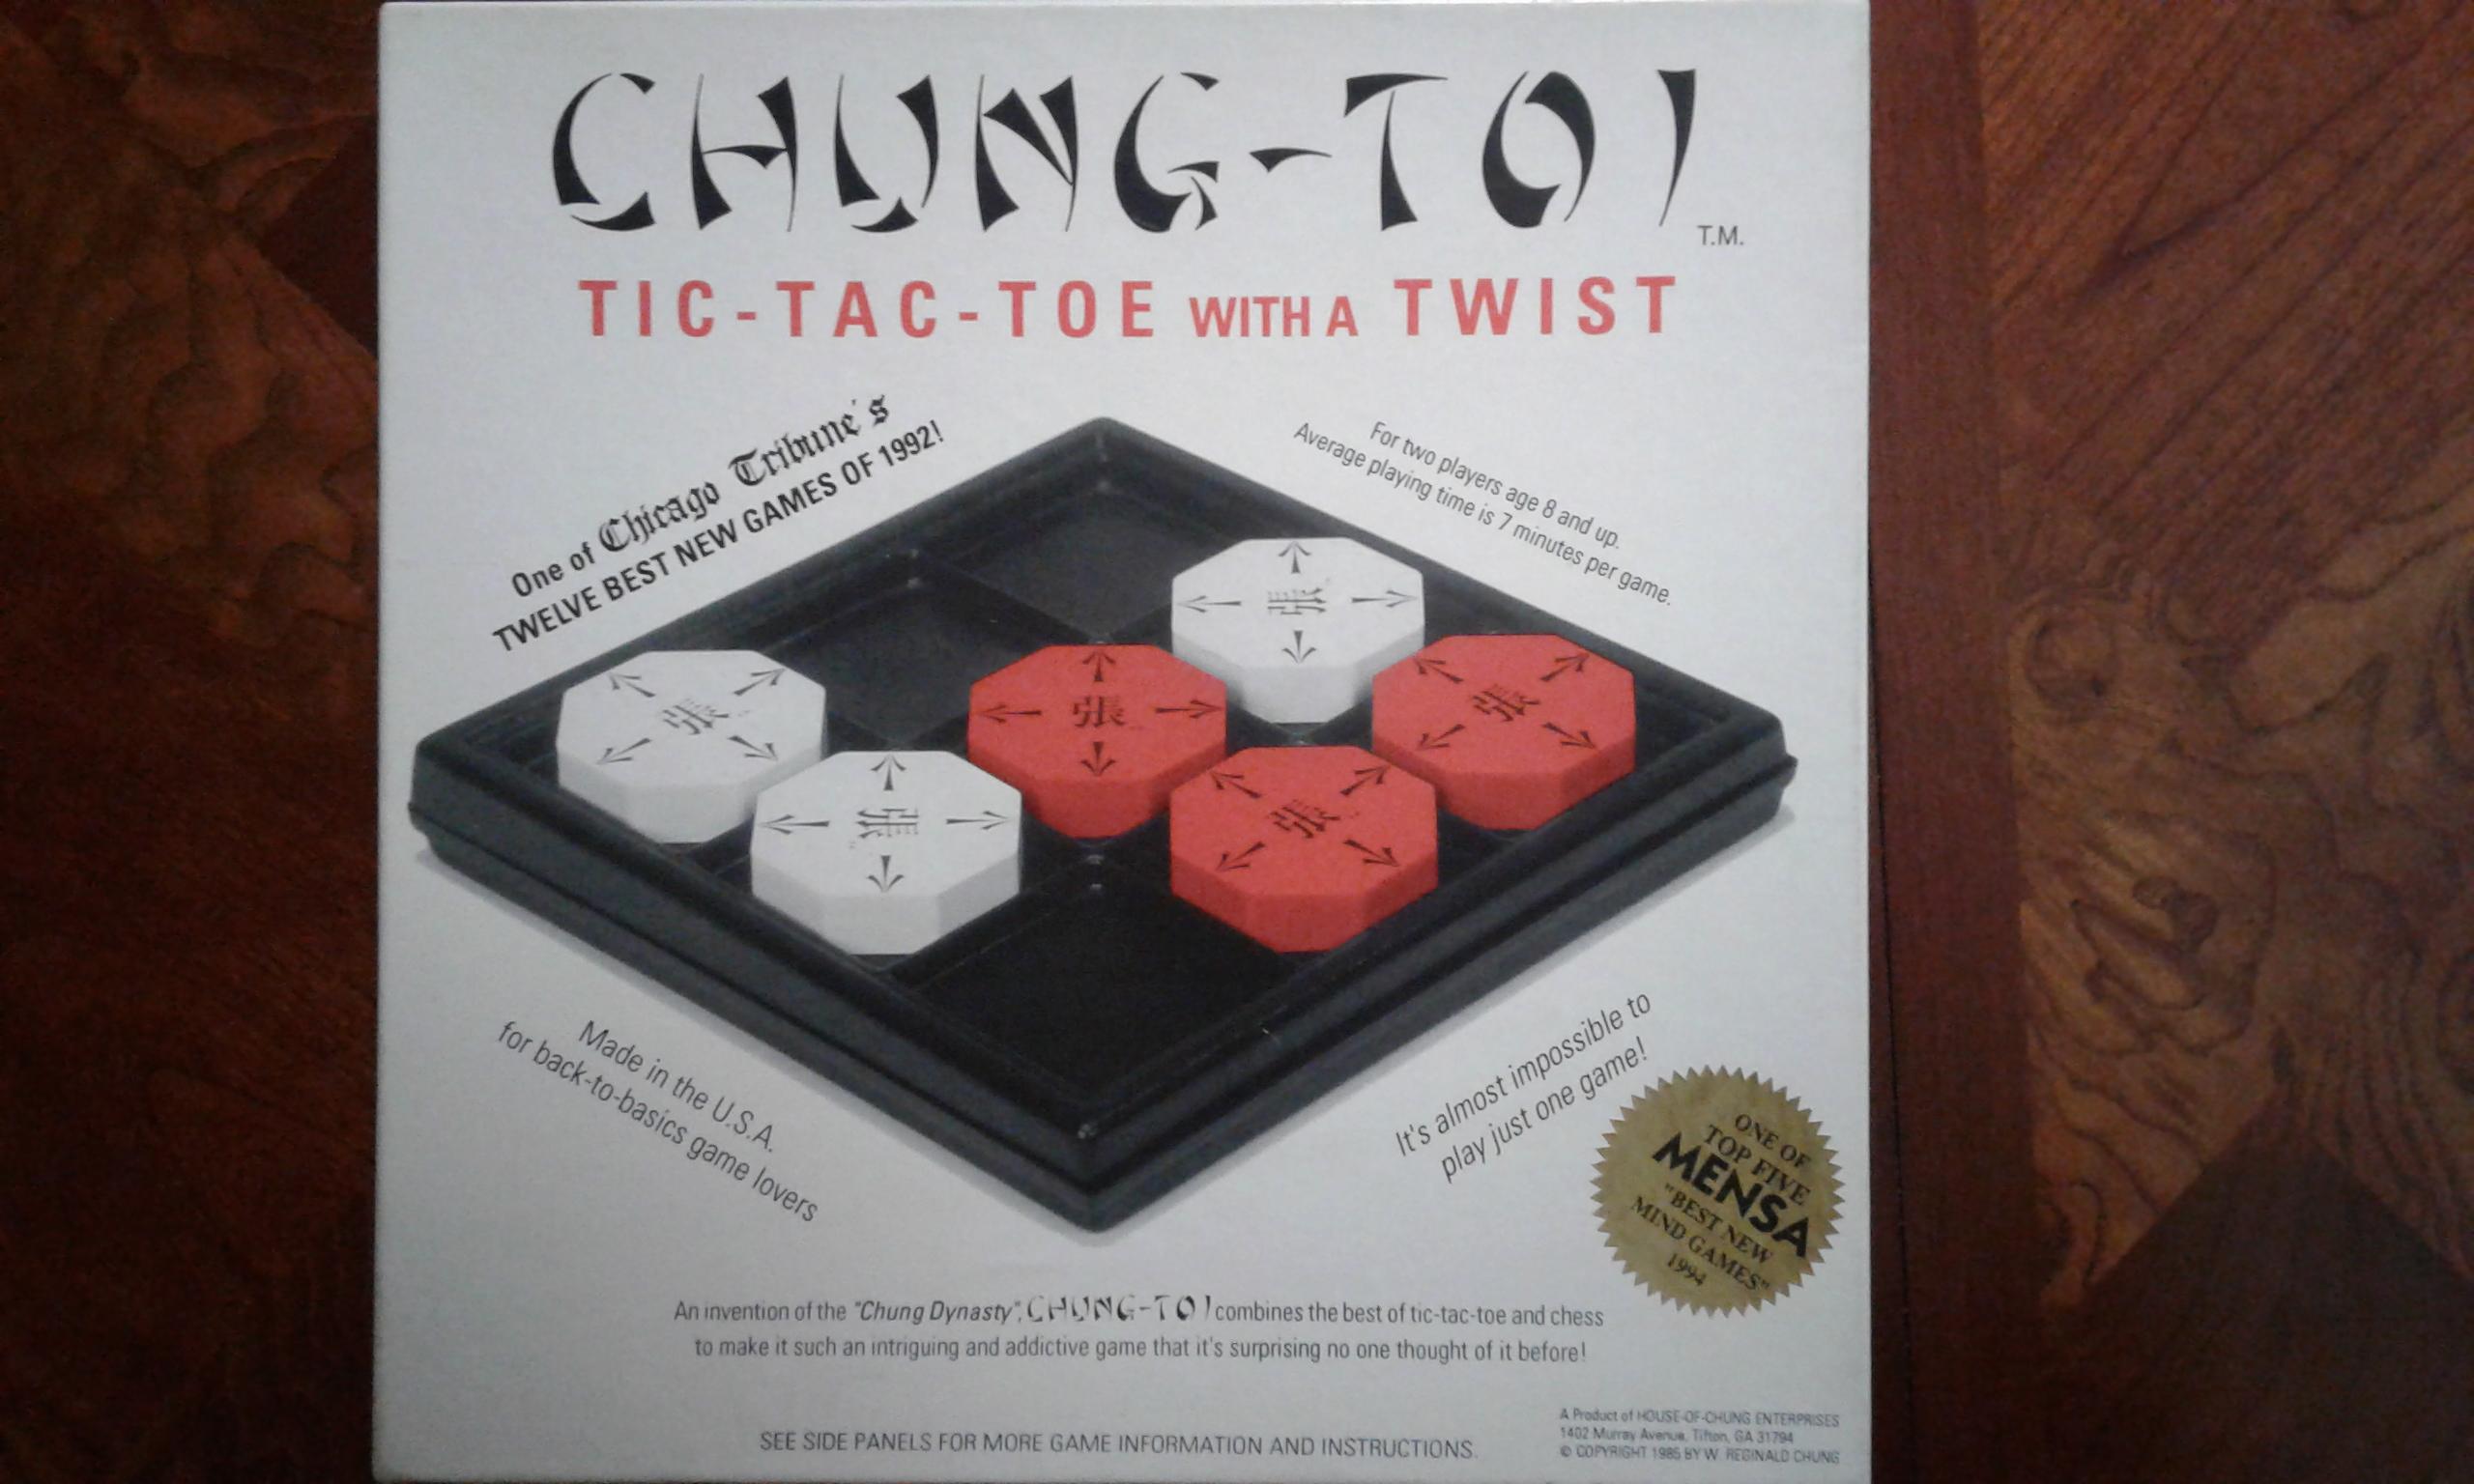 Chung-Toi Board Game